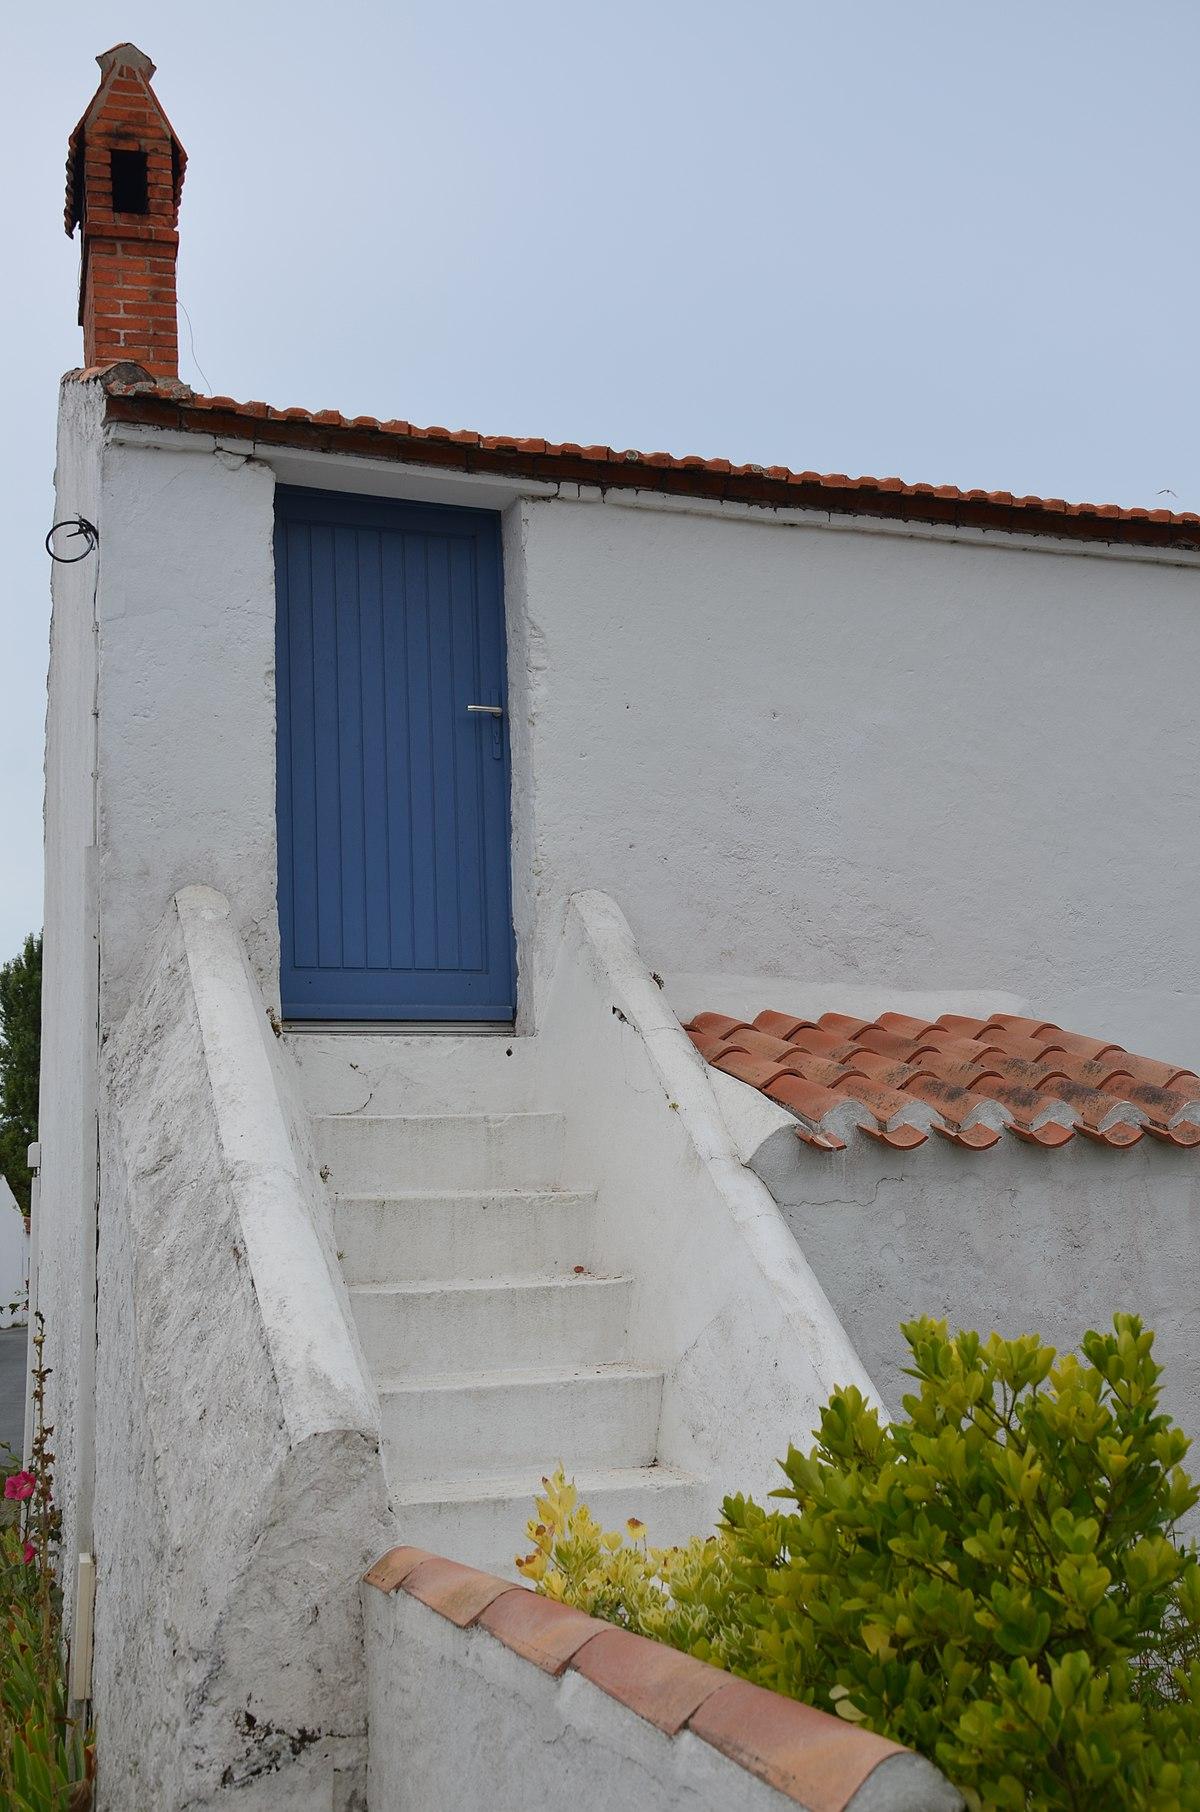 Escalier Dans Maison Ancienne file:escalier extérieur d'une ancienne maison vendéenne